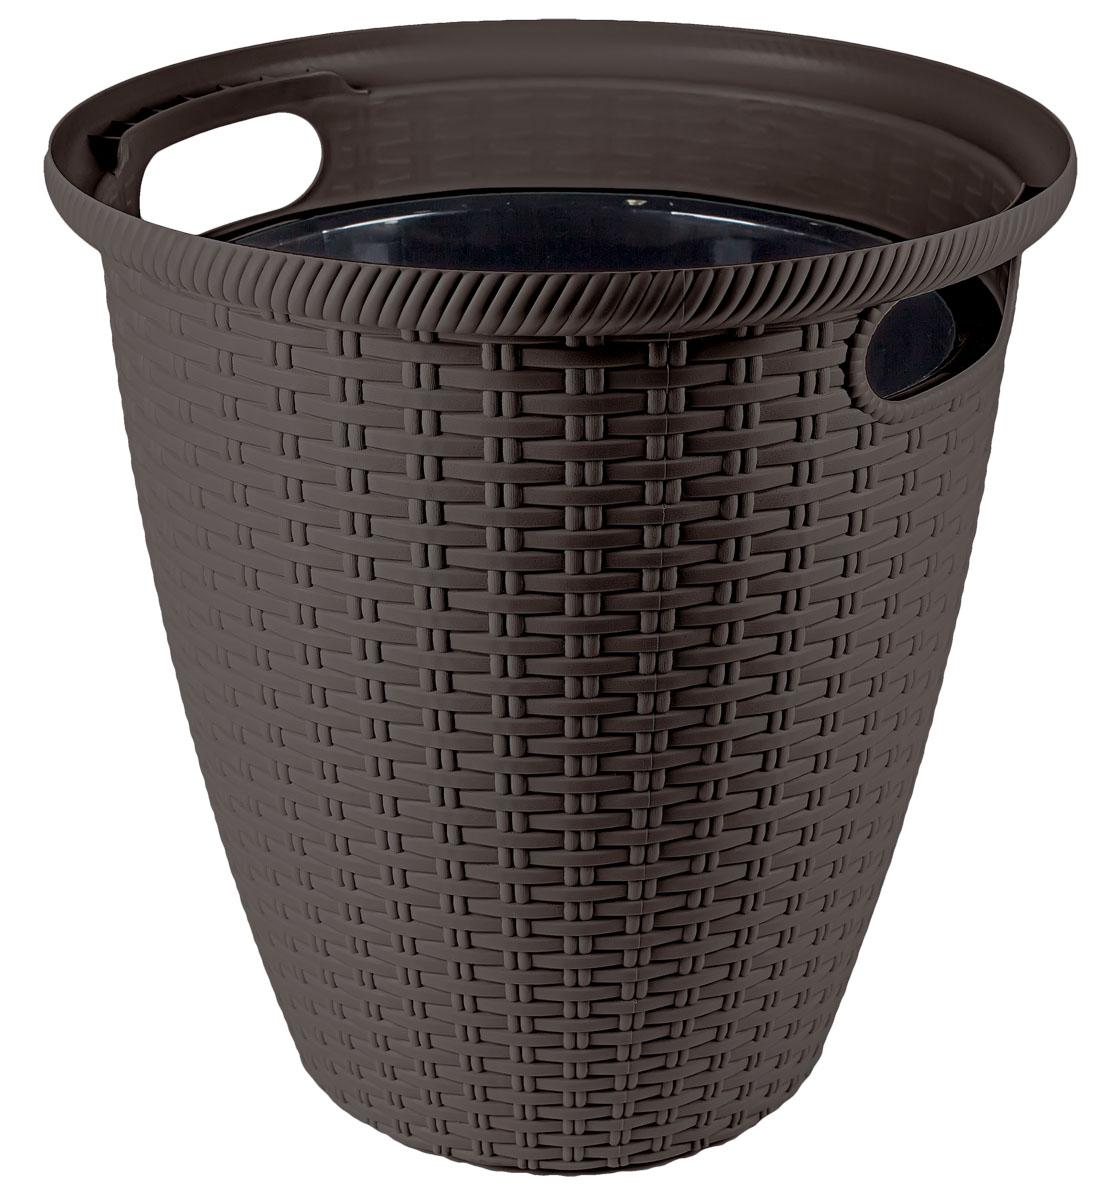 Кашпо InGreen Ротанг, напольное, цвет: венге, диаметр 38 см поддон для балконного ящика ingreen цвет белый длина 60 см